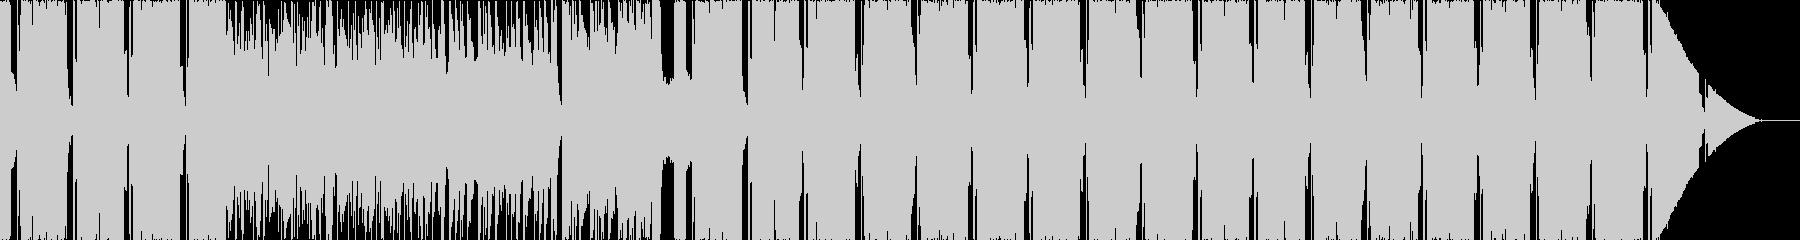 ポジティブな雰囲気のエレクトロ楽曲の未再生の波形